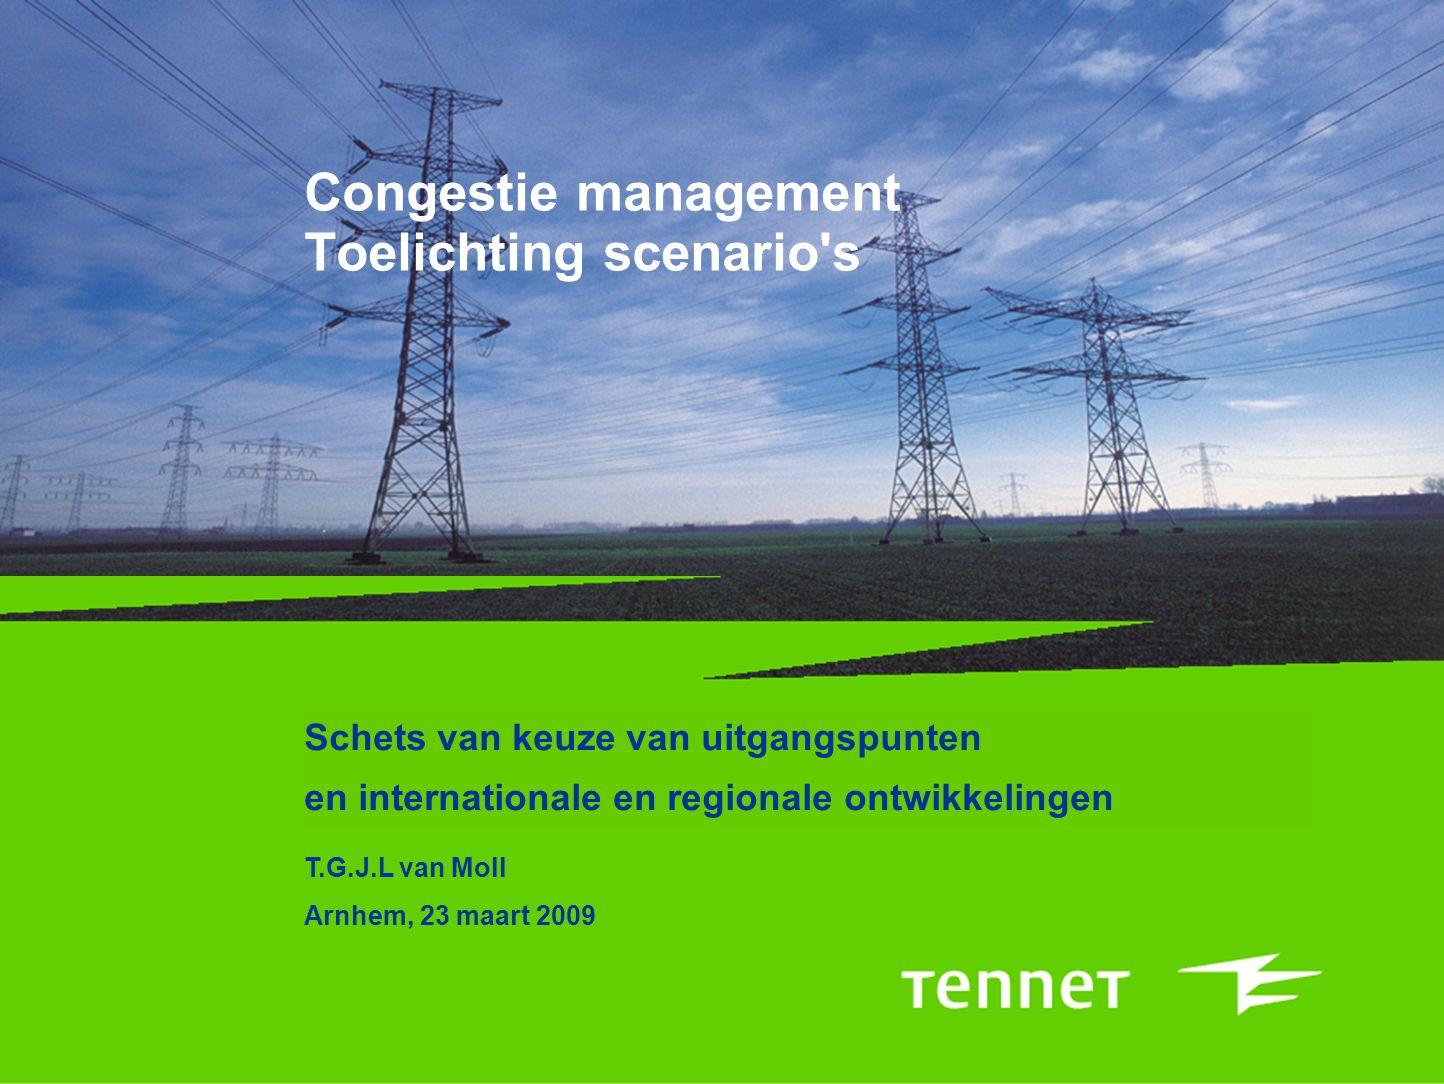 Congestie management Toelichting scenario's Schets van keuze van uitgangspunten en internationale en regionale ontwikkelingen T.G.J.L van Moll Arnhem,